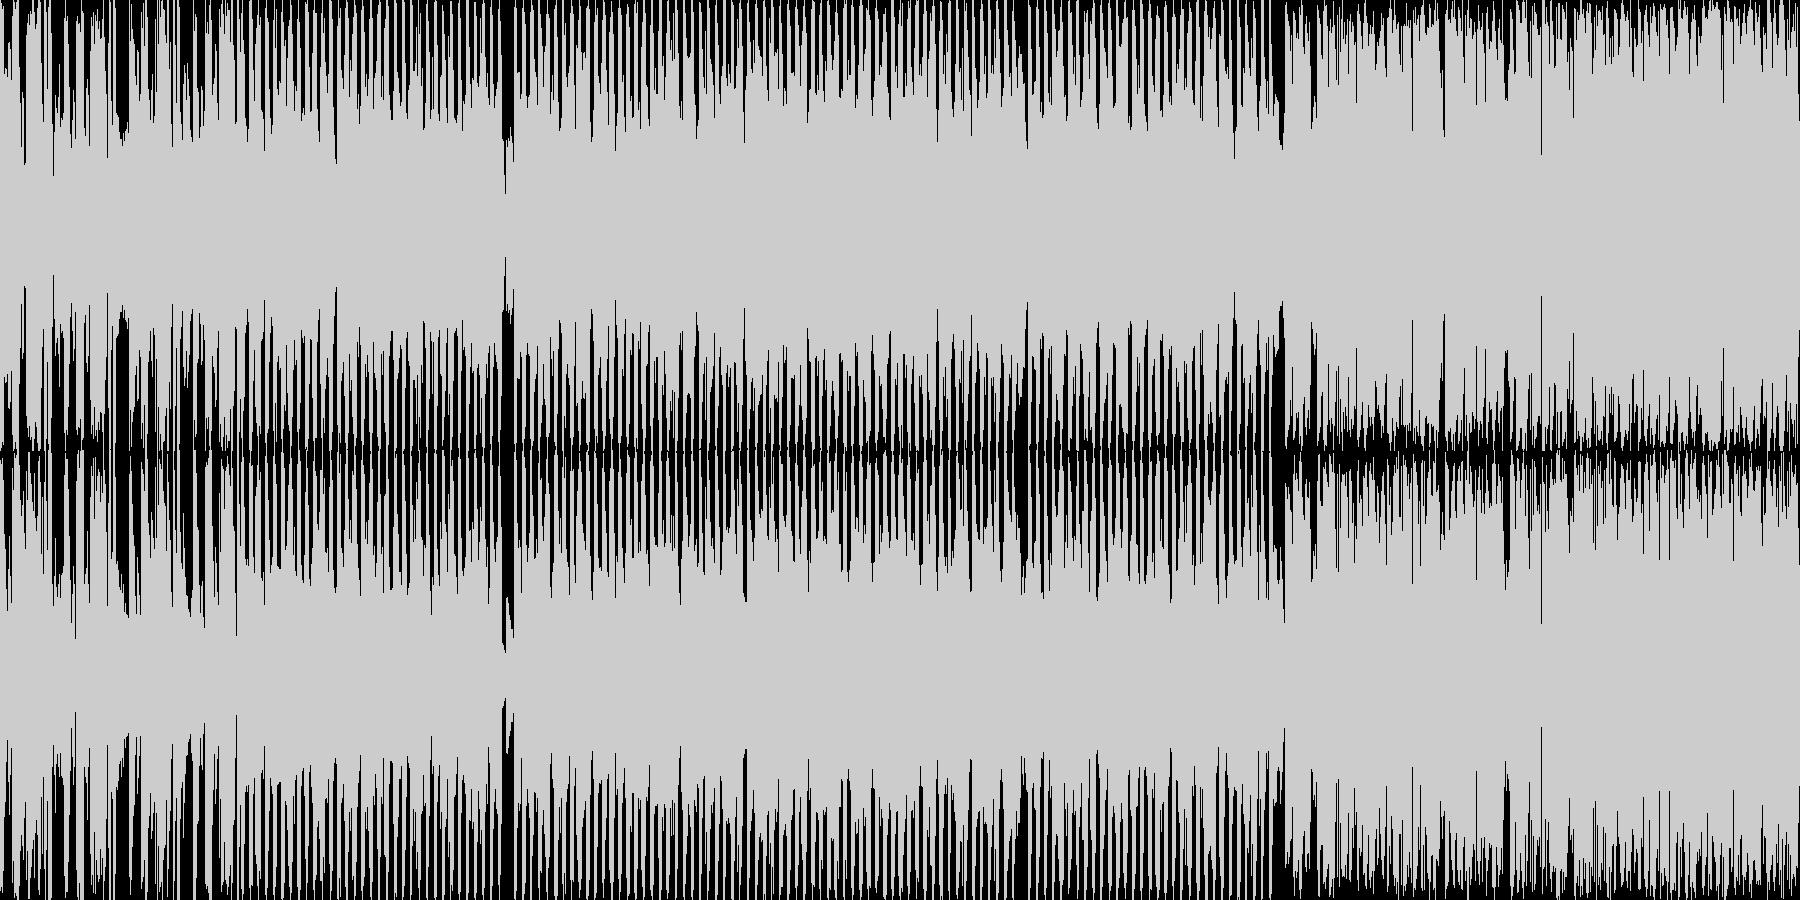 戦闘シーンのBGMの未再生の波形